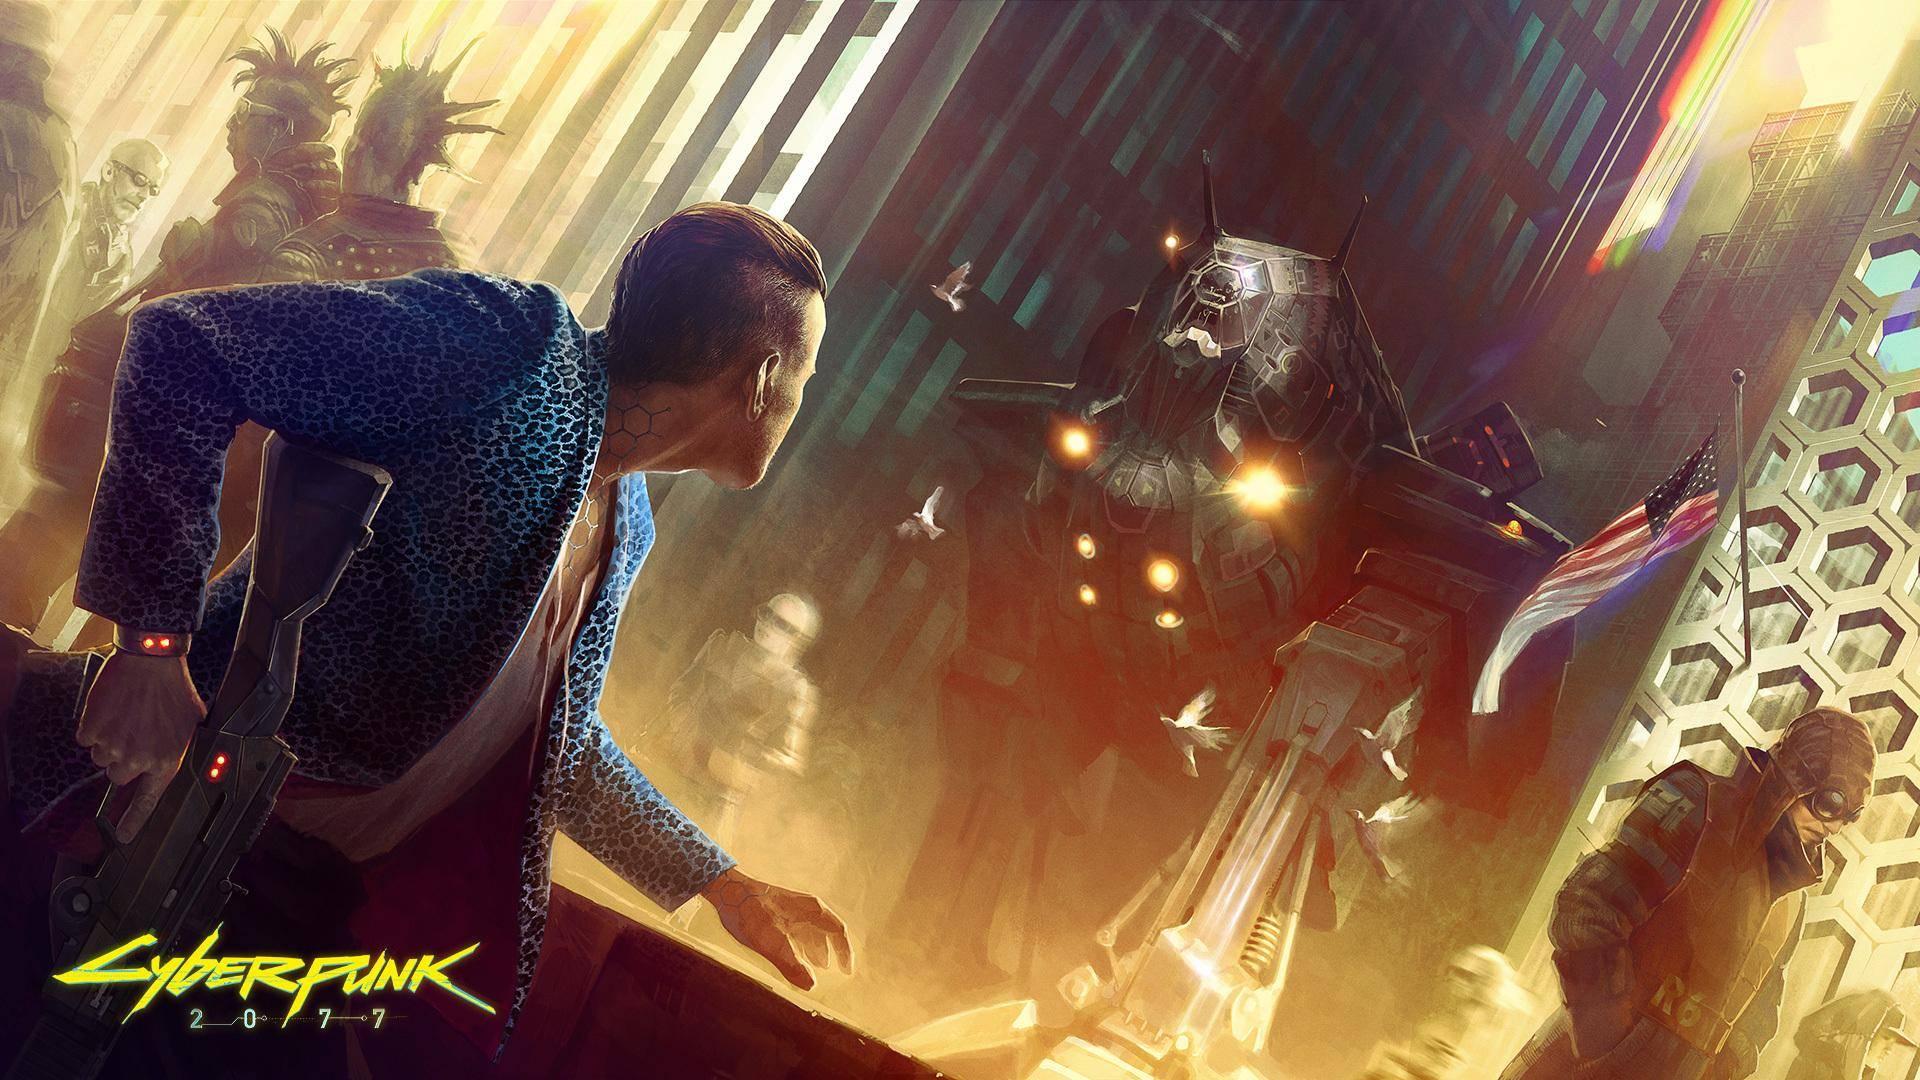 Cyberpunk 2077 может выйти на PlayStation 5 и новой Xbox